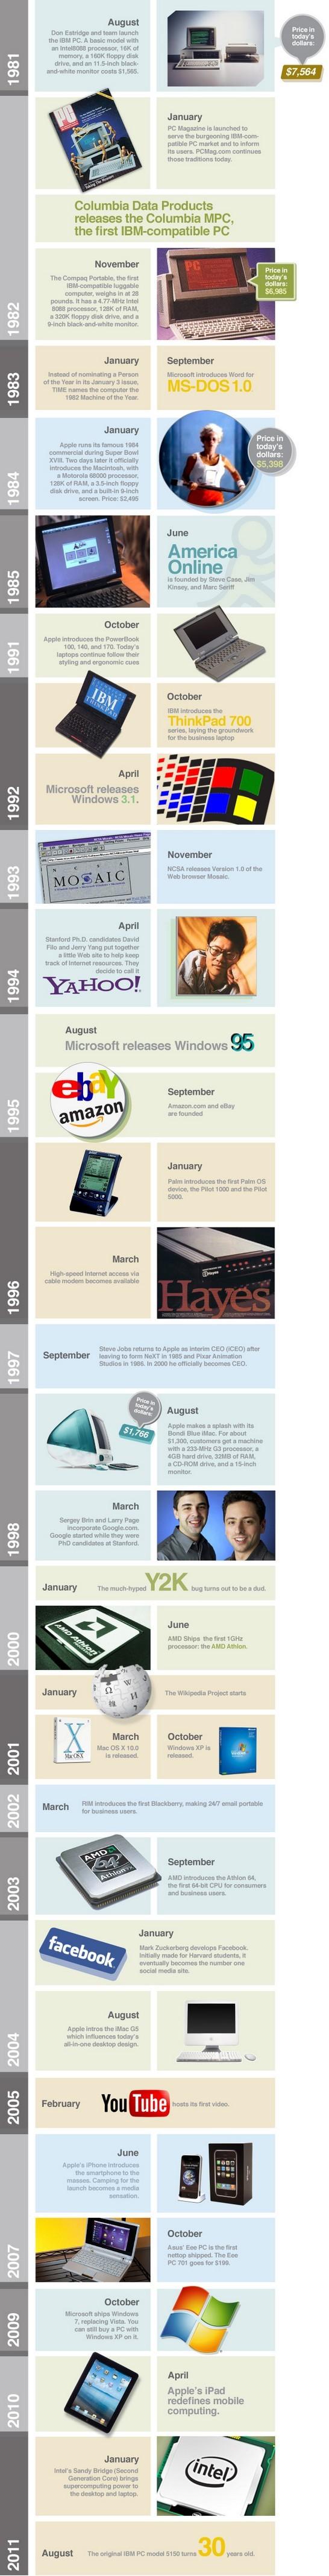 Une infographie pour les 30 ans du PC